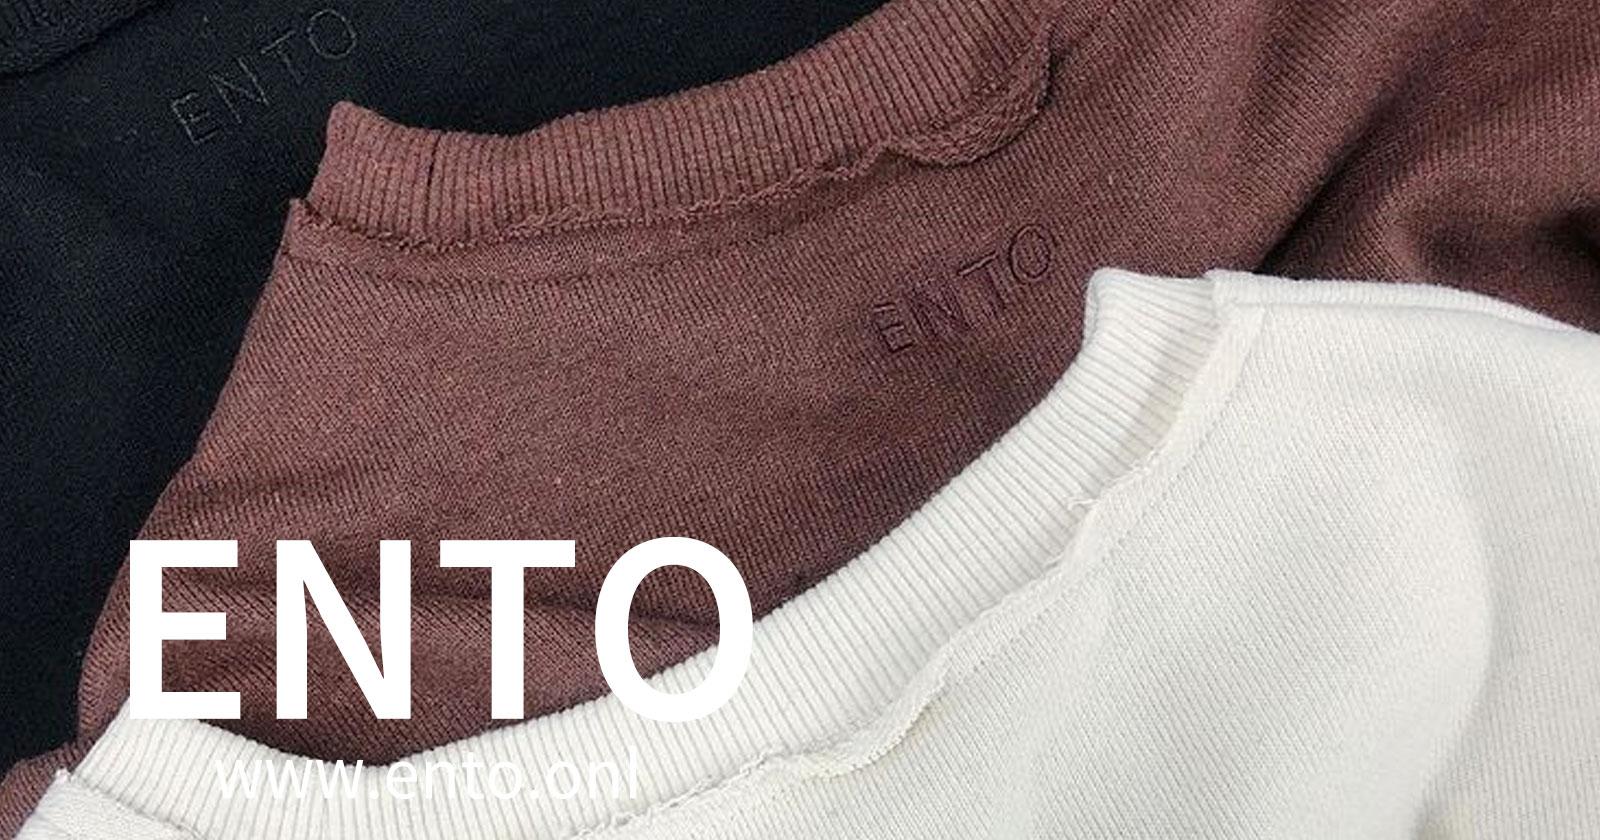 レディースファッションブランドENTO(エント)2021年秋冬コレクション!「ENTO」のロゴ刺繍をあしらい、サステナブルな生地を使用した地球にも人にも優しいお洋服が新登場。